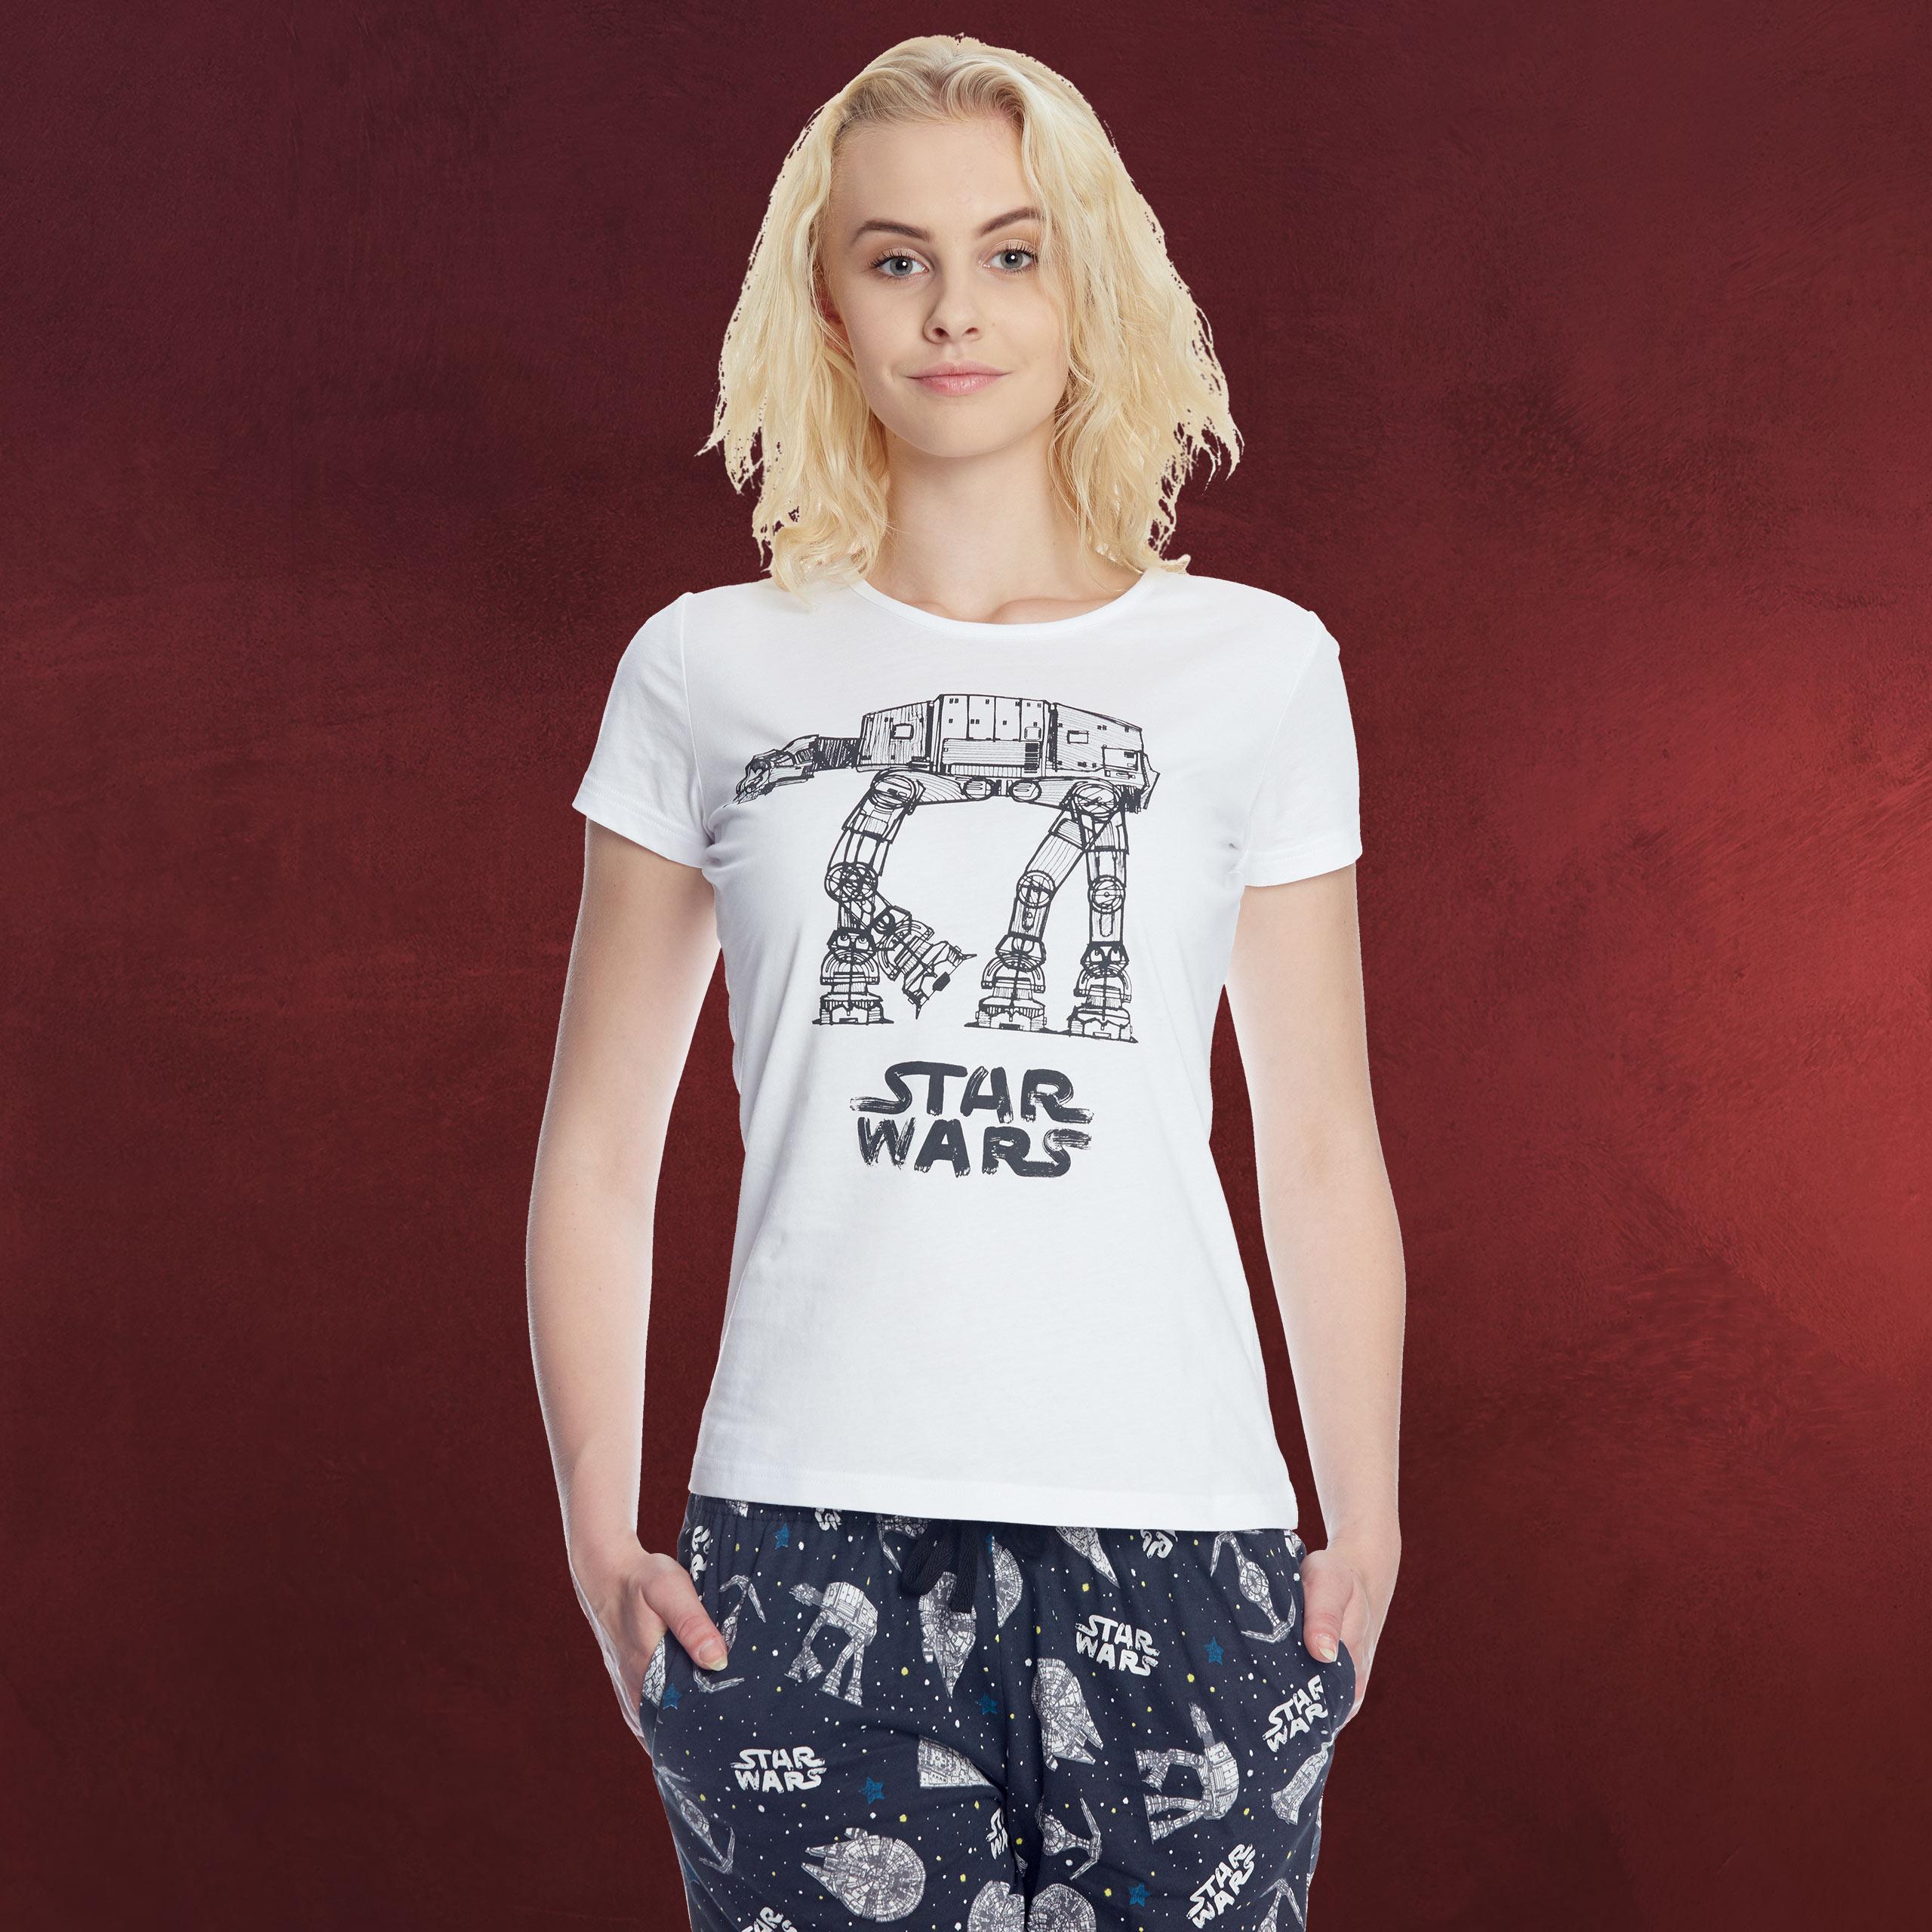 promo code 19741 1b2fb Star Wars - AT-AT Pyjama Damen